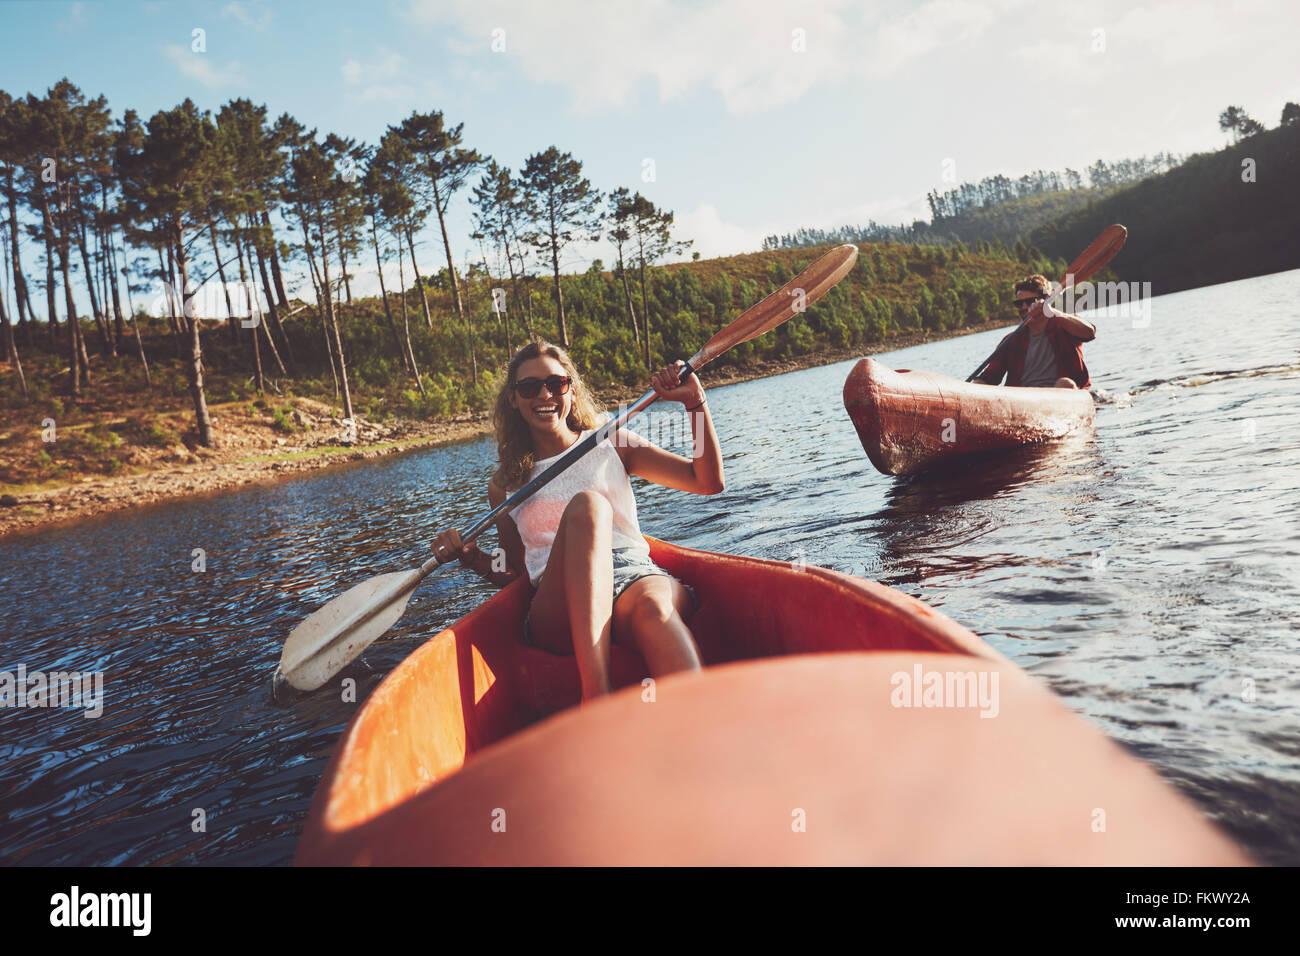 Junge Menschen an einem See paddeln. Lächelnde junge Frau Kajakfahrer mit einem Mann im Hintergrund Kajak zu paddeln. Stockfoto